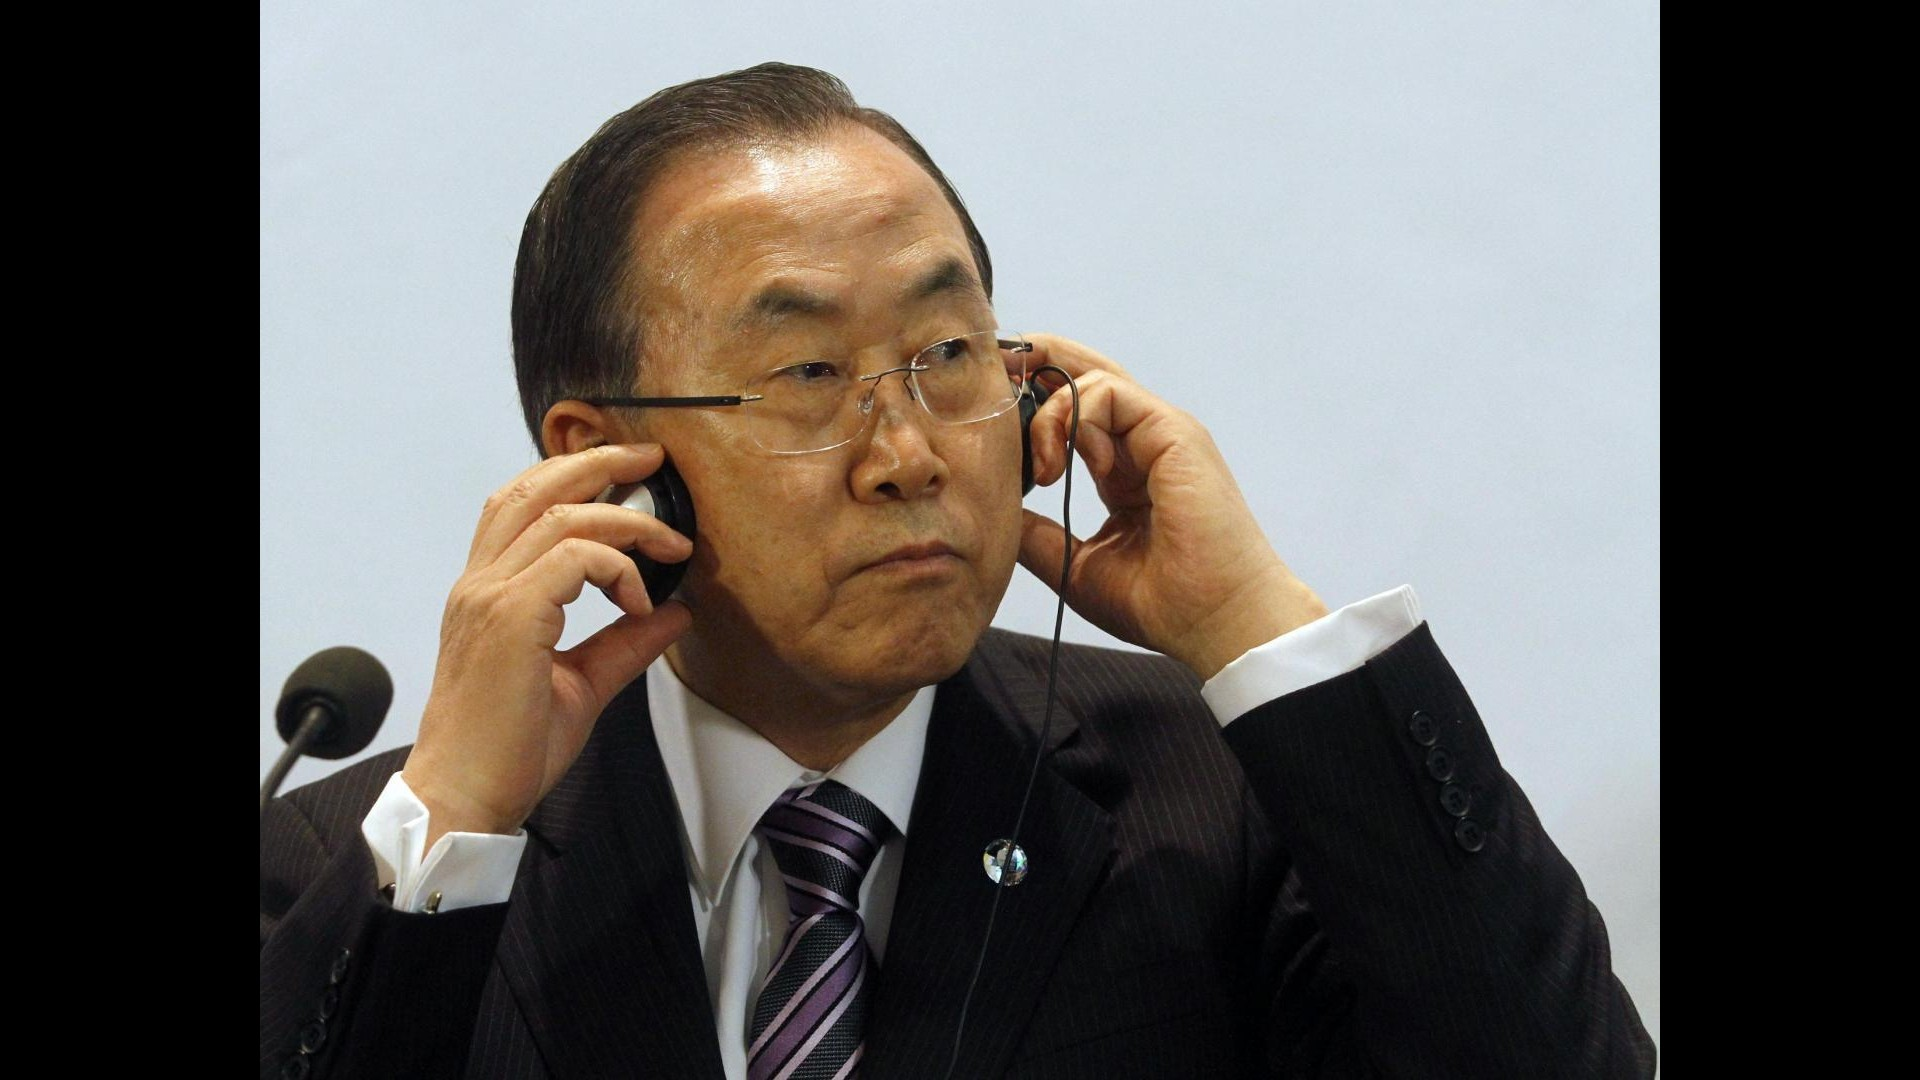 Egitto, Ban Ki-moon: Popolo decida cammino, no punizioni o esclusioni